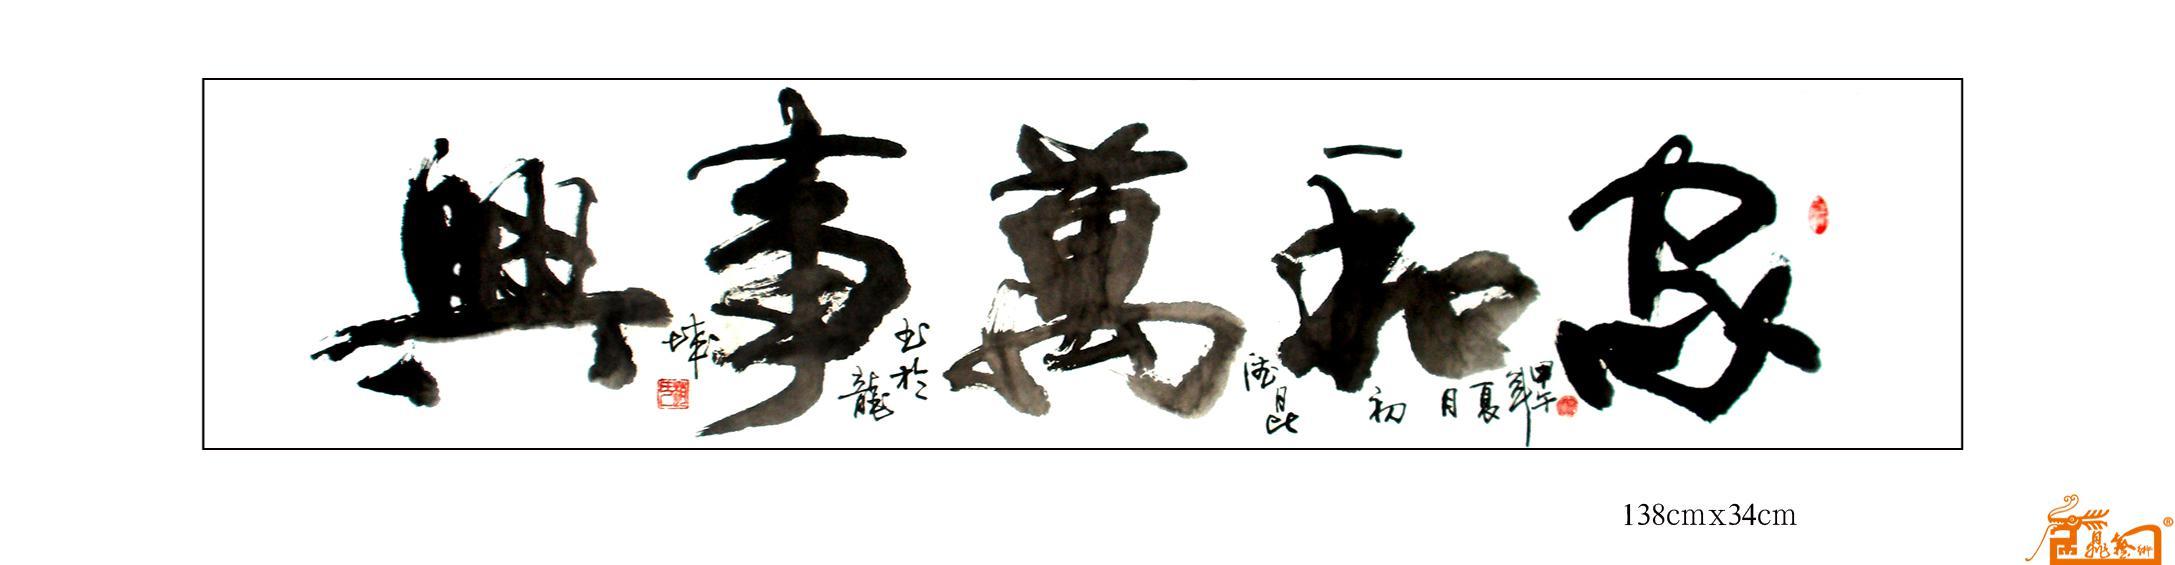 赵德昆-《家和万事兴》-淘宝-名人字画-中国书画服务图片